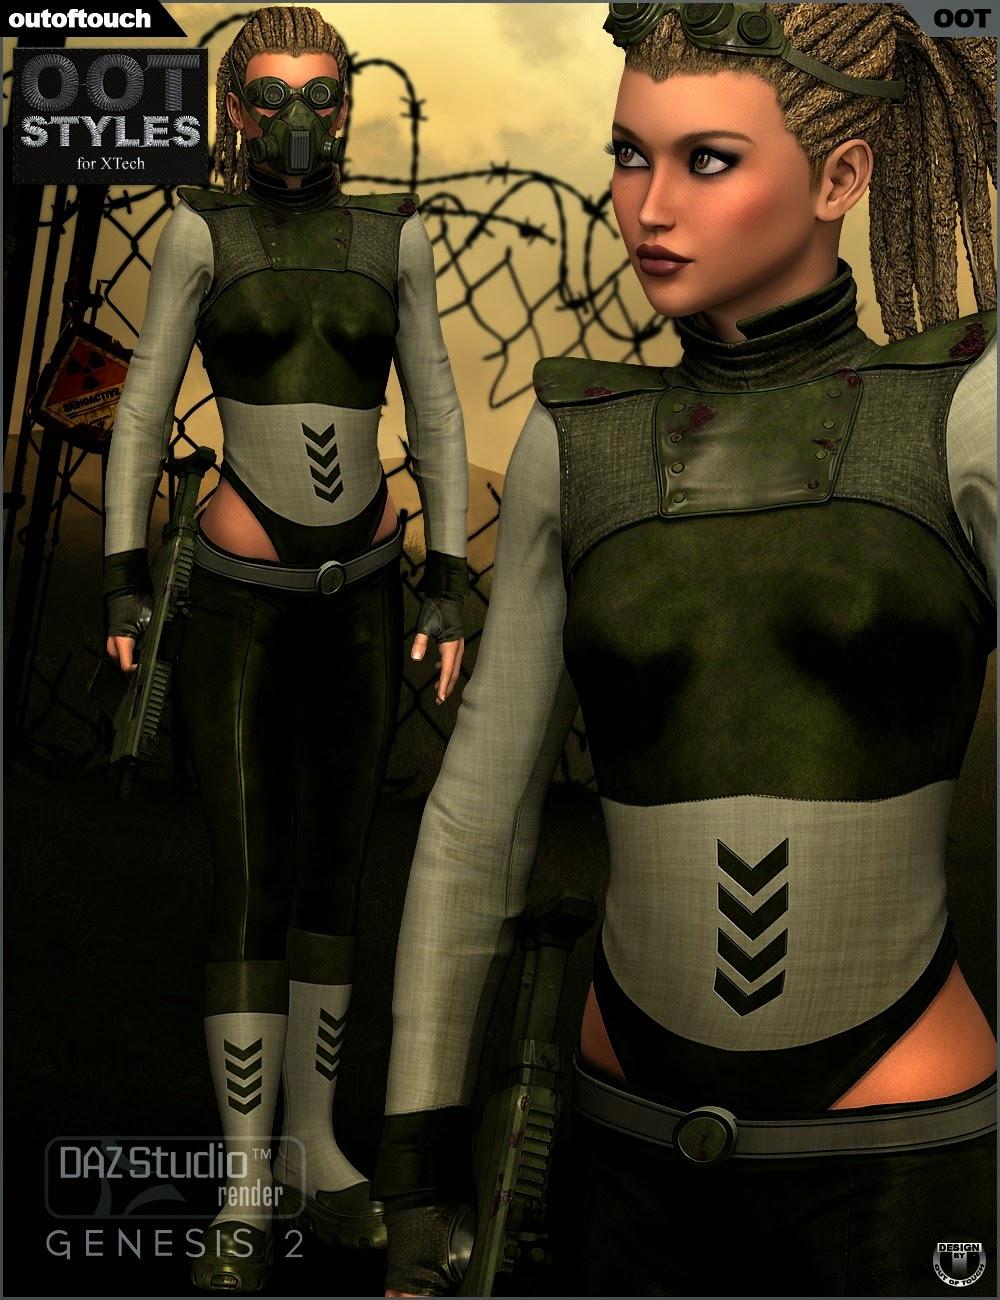 Styles de OOT pour XTech pour Genesis 2 Femme